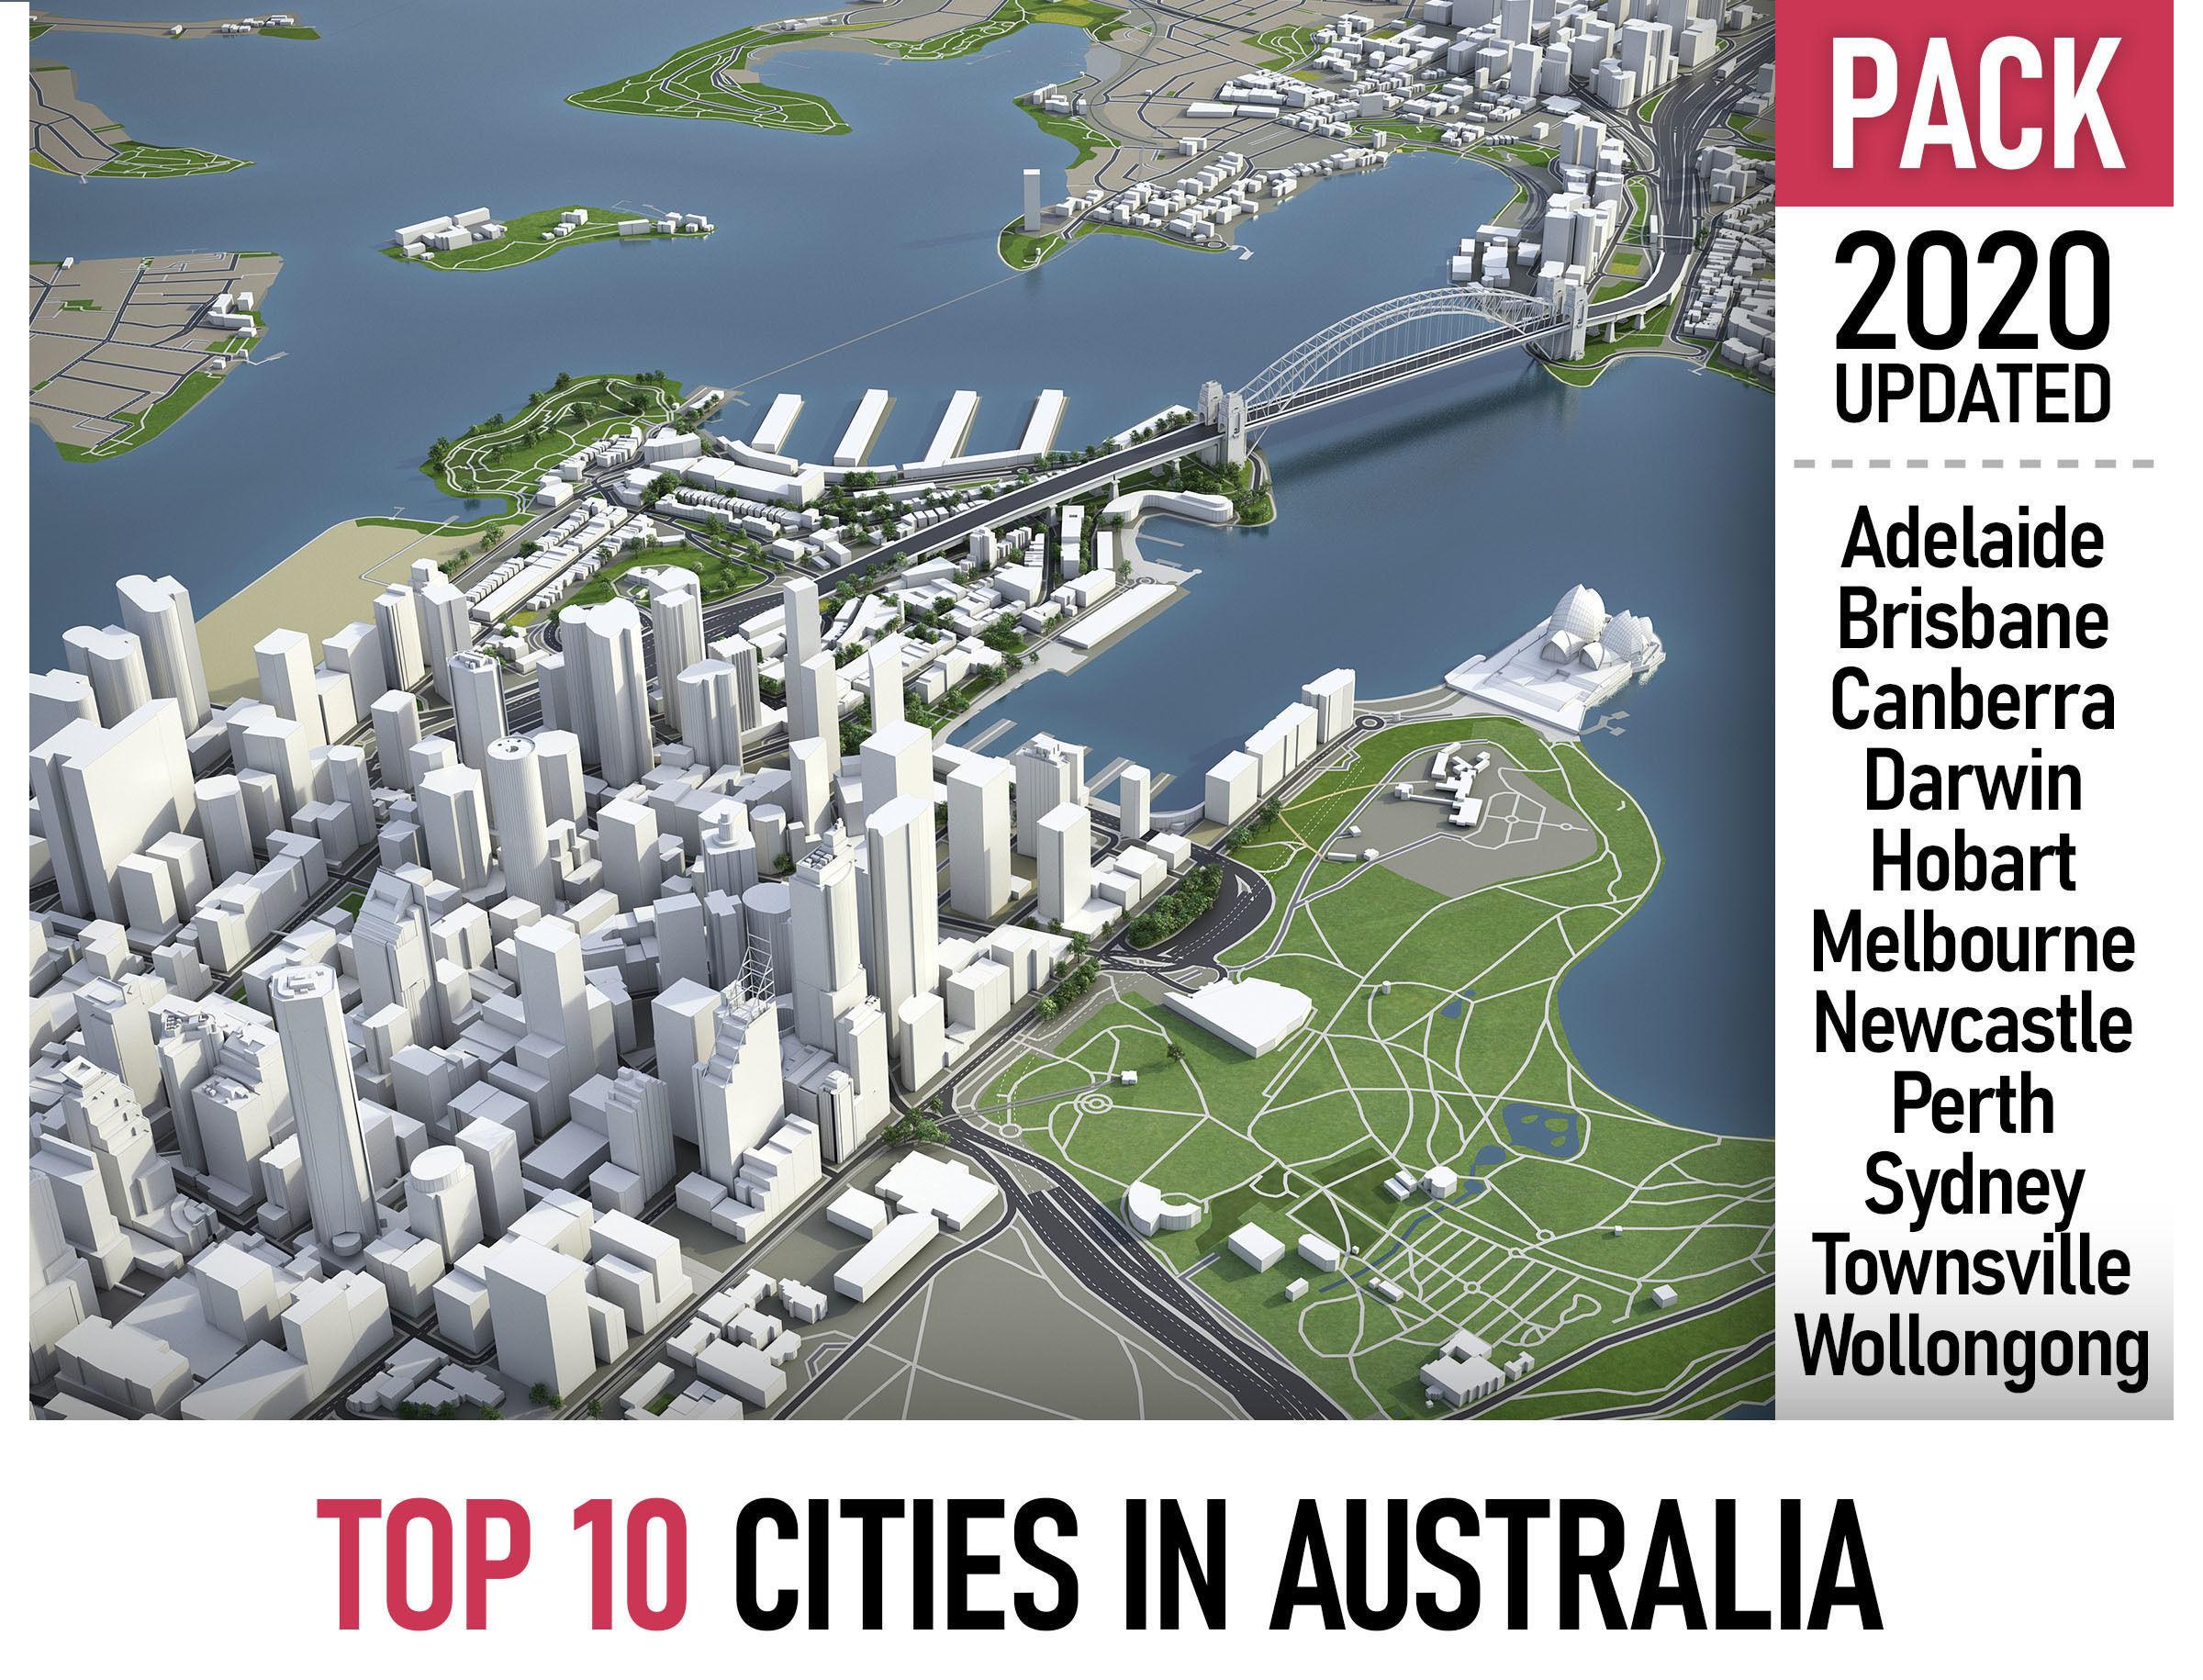 Top 10 Cities in Australia